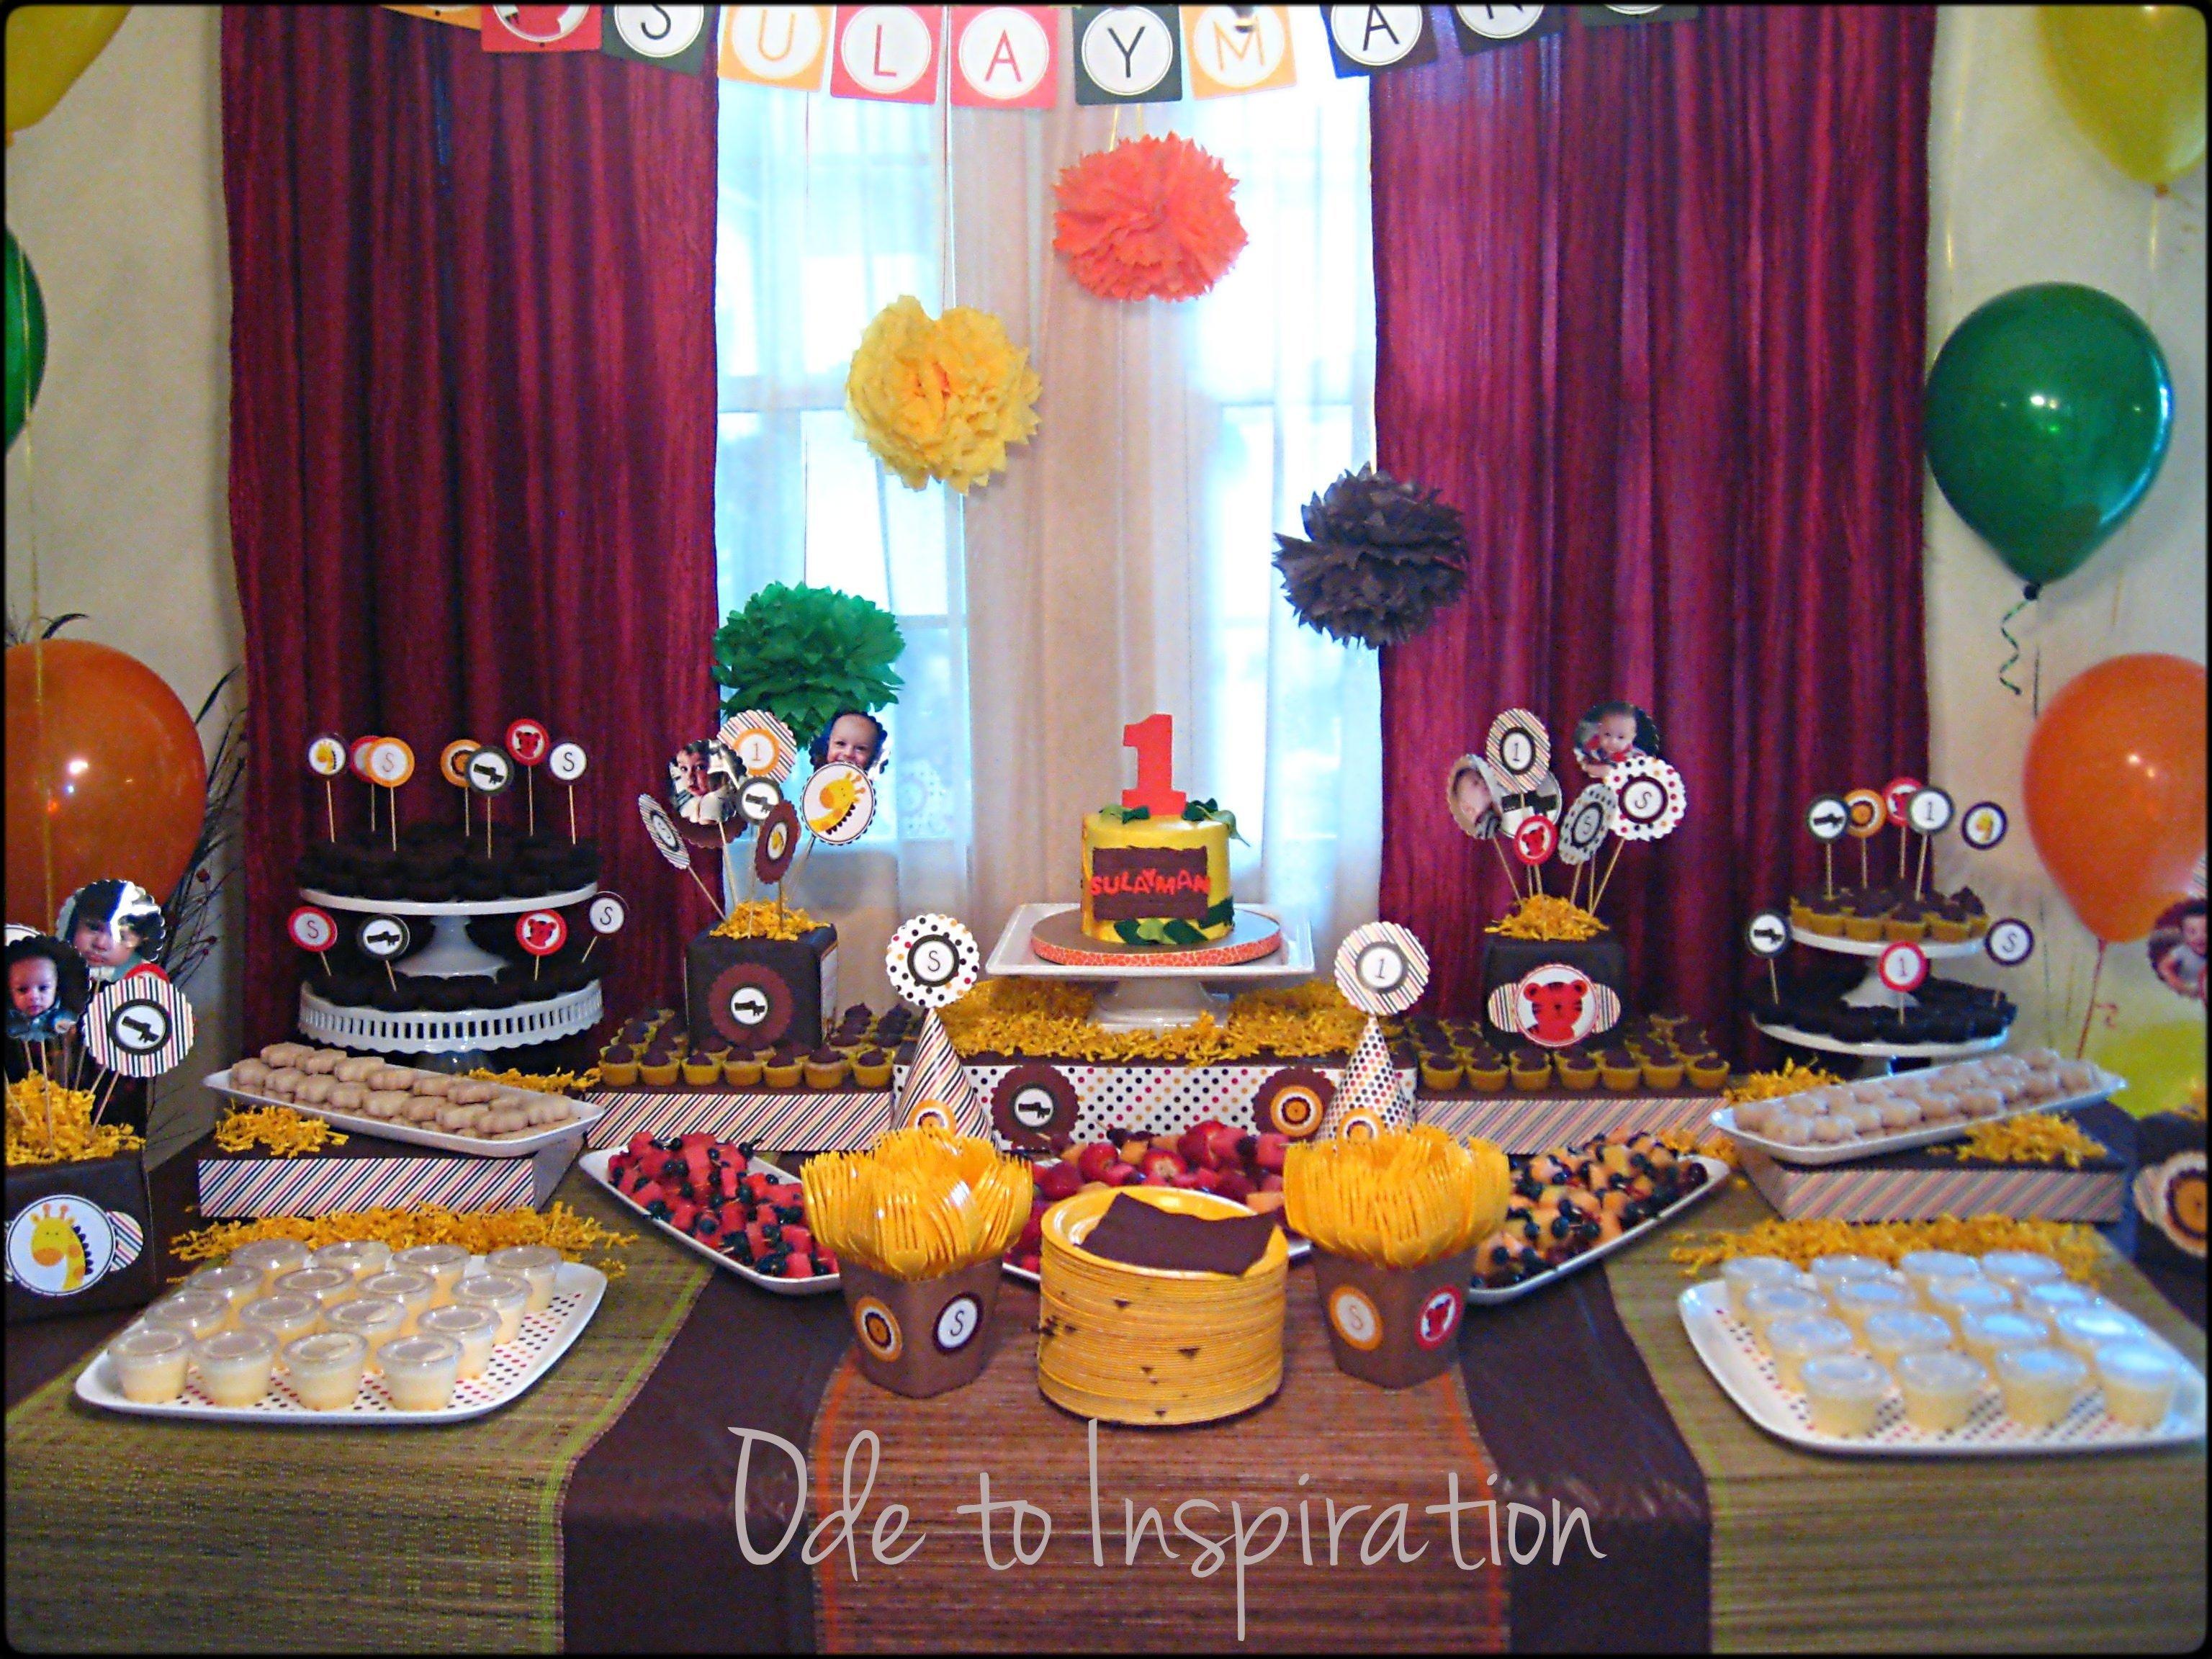 10 Gorgeous Party Theme Ideas For Adults Unique birthday house party ideas for adults 13 2021